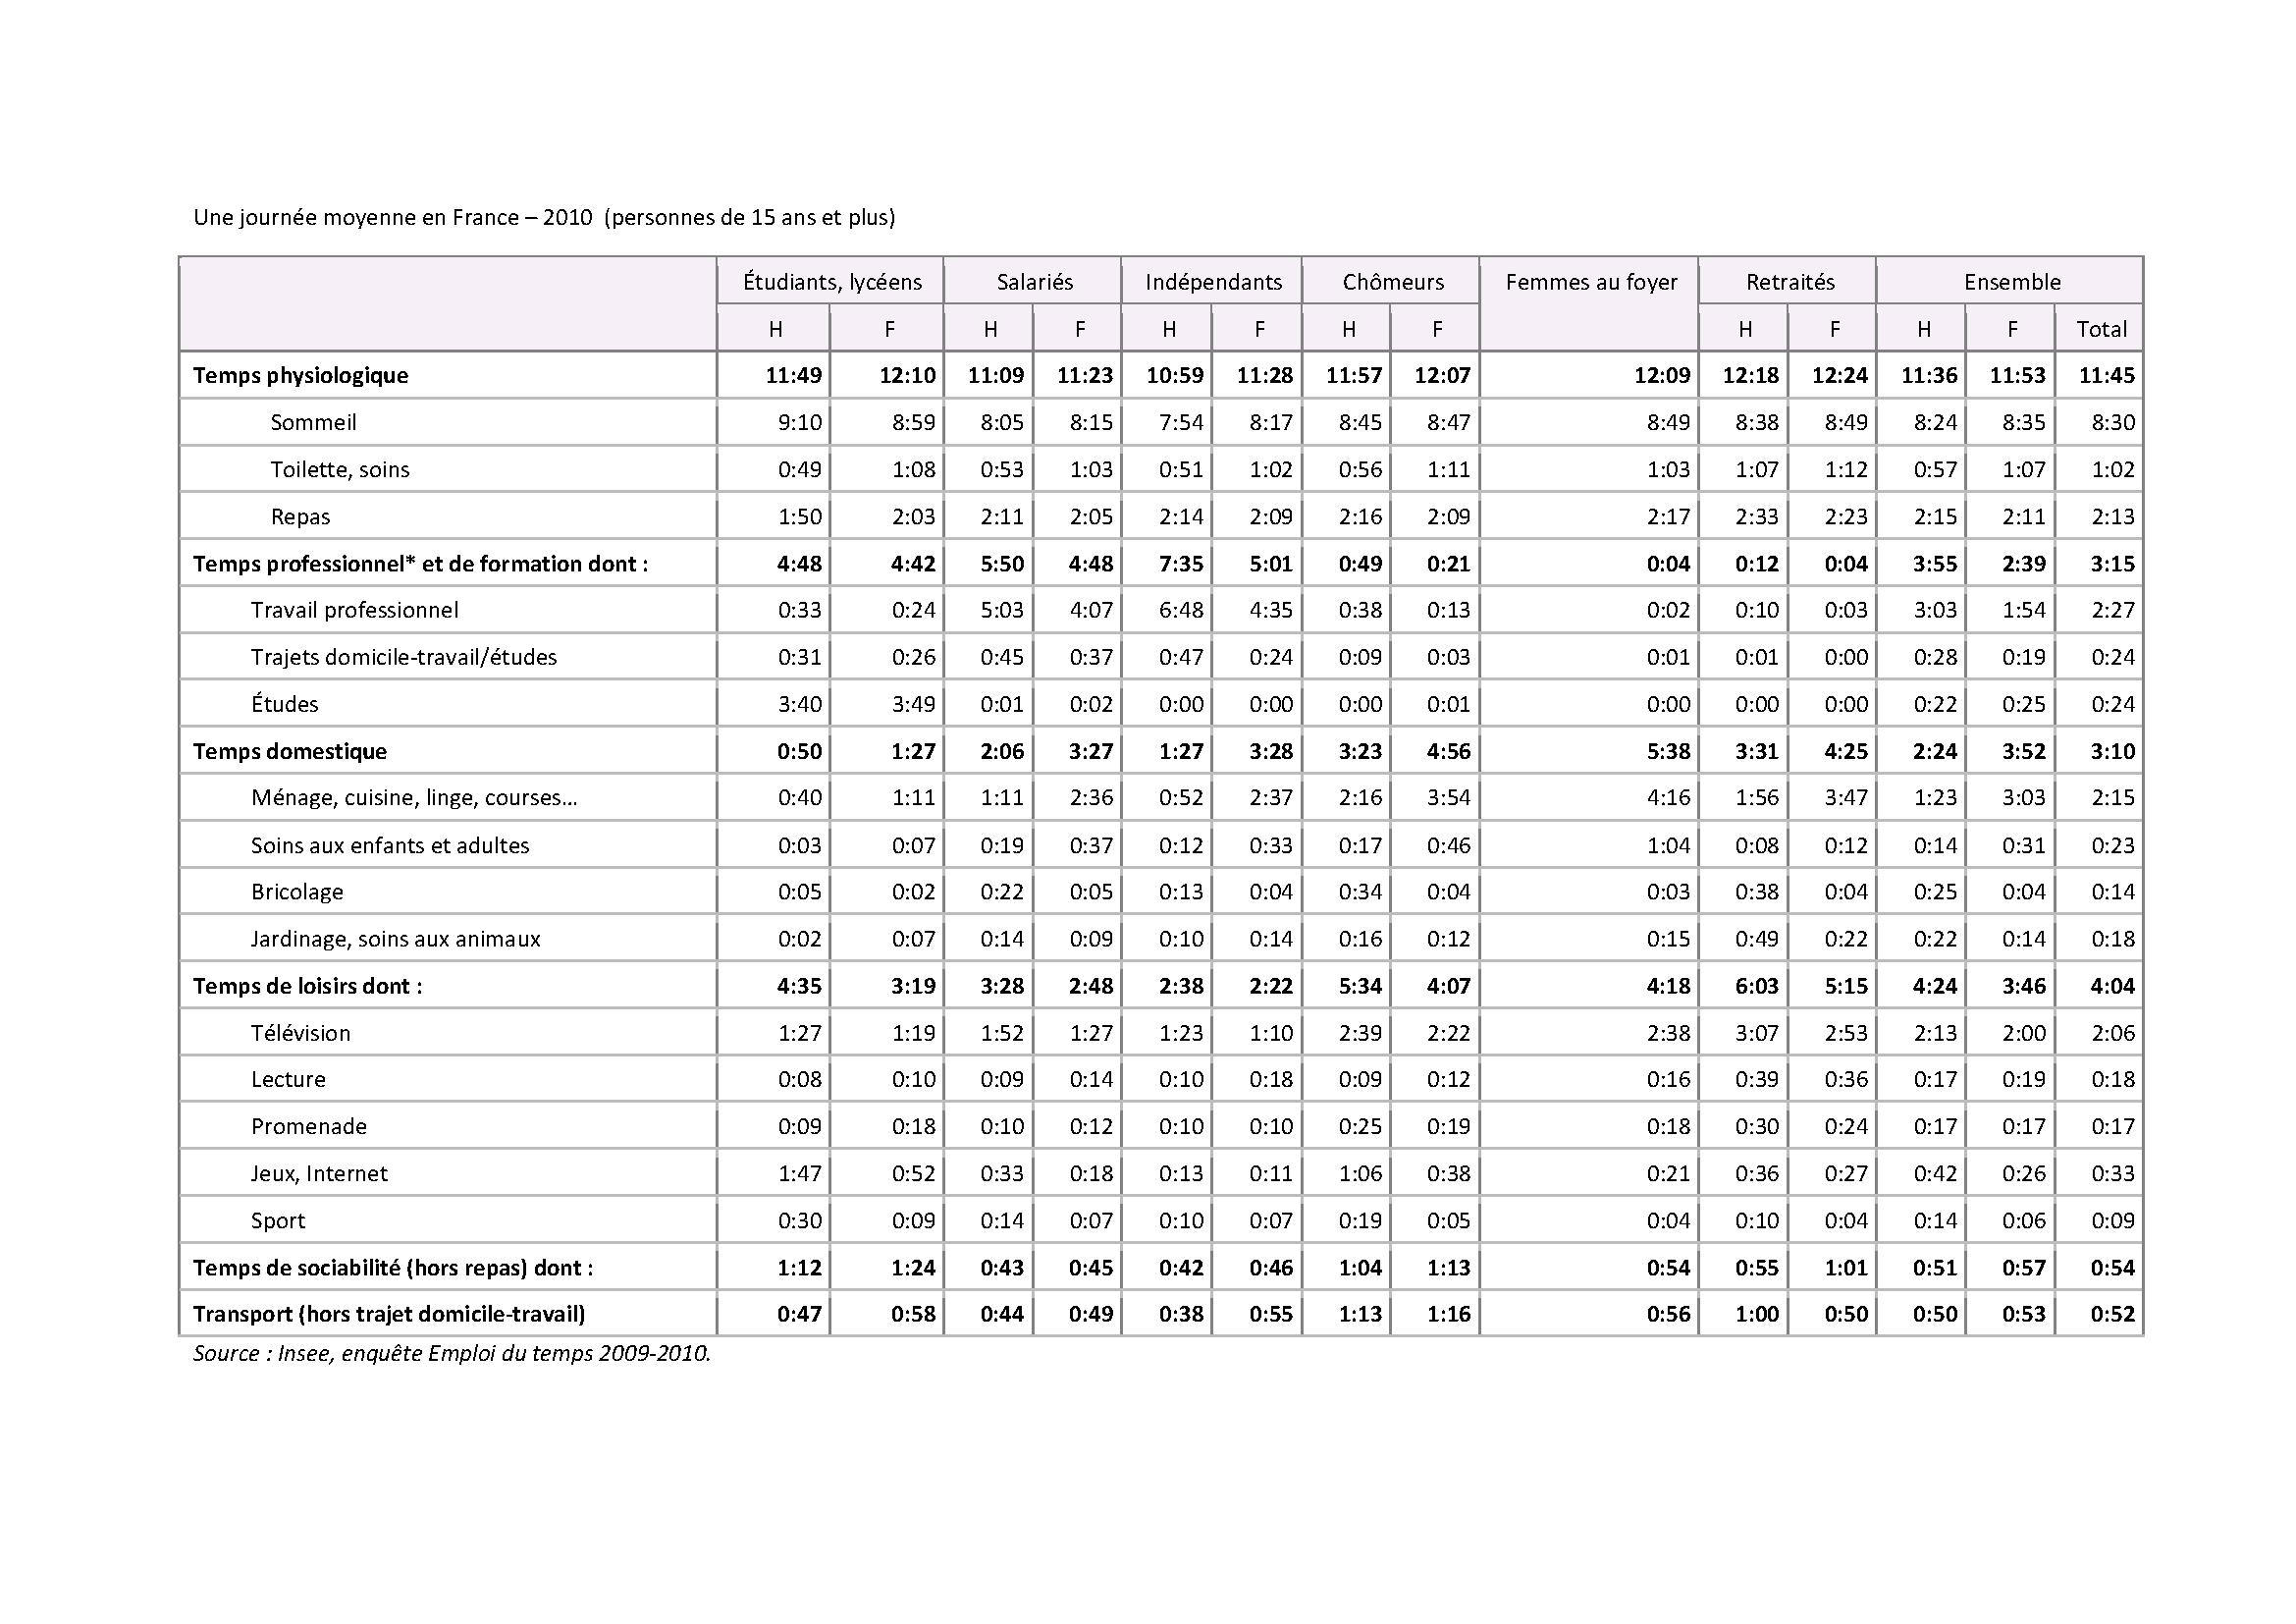 Une journée moyenne en France - 2010